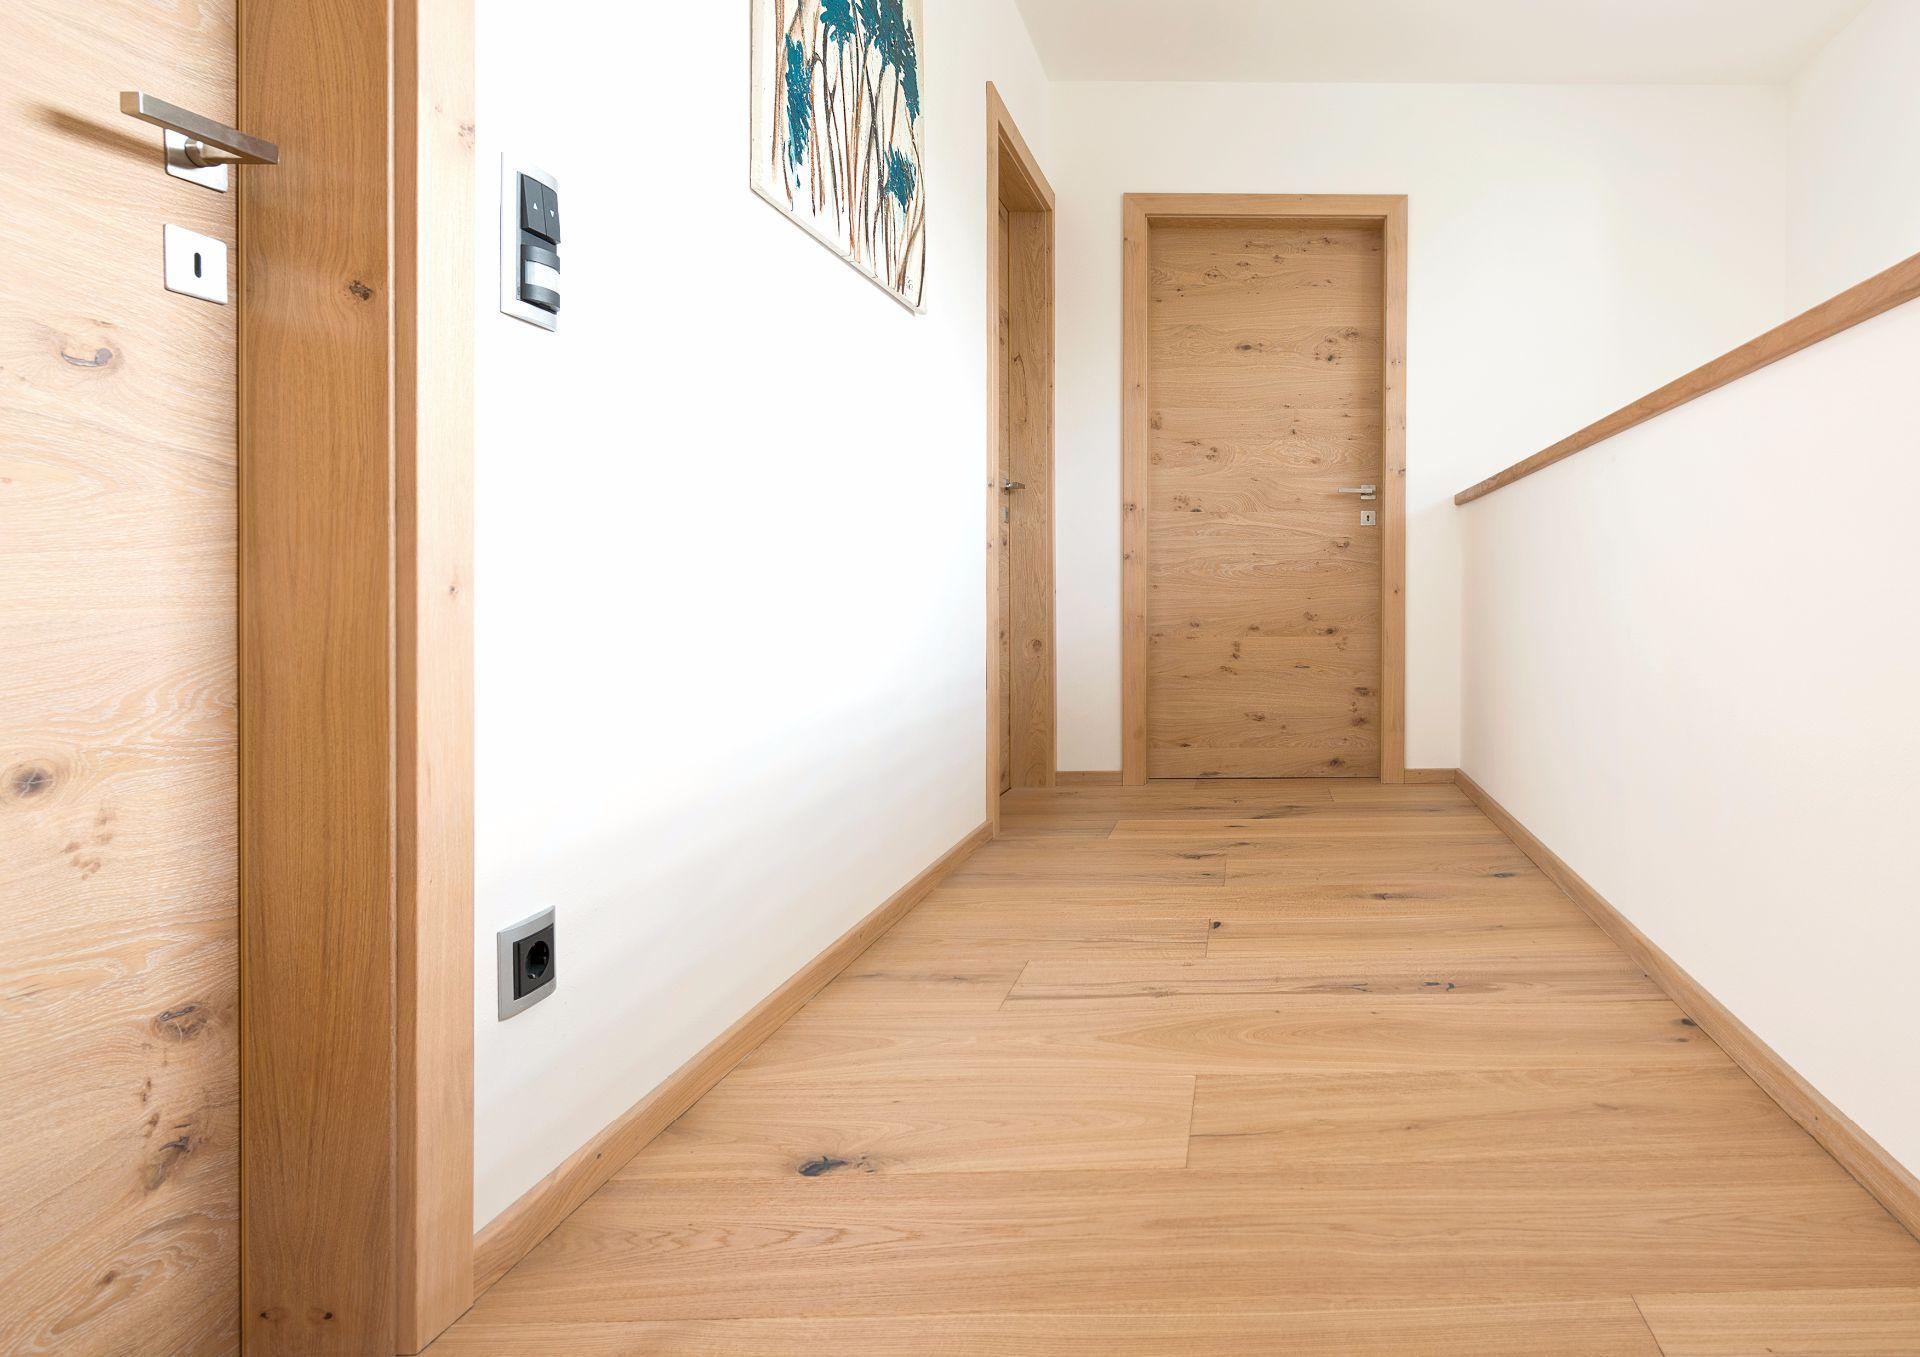 Haus außentor design referenzen wtg innentÜren  wood  pinterest  boden lofts and house